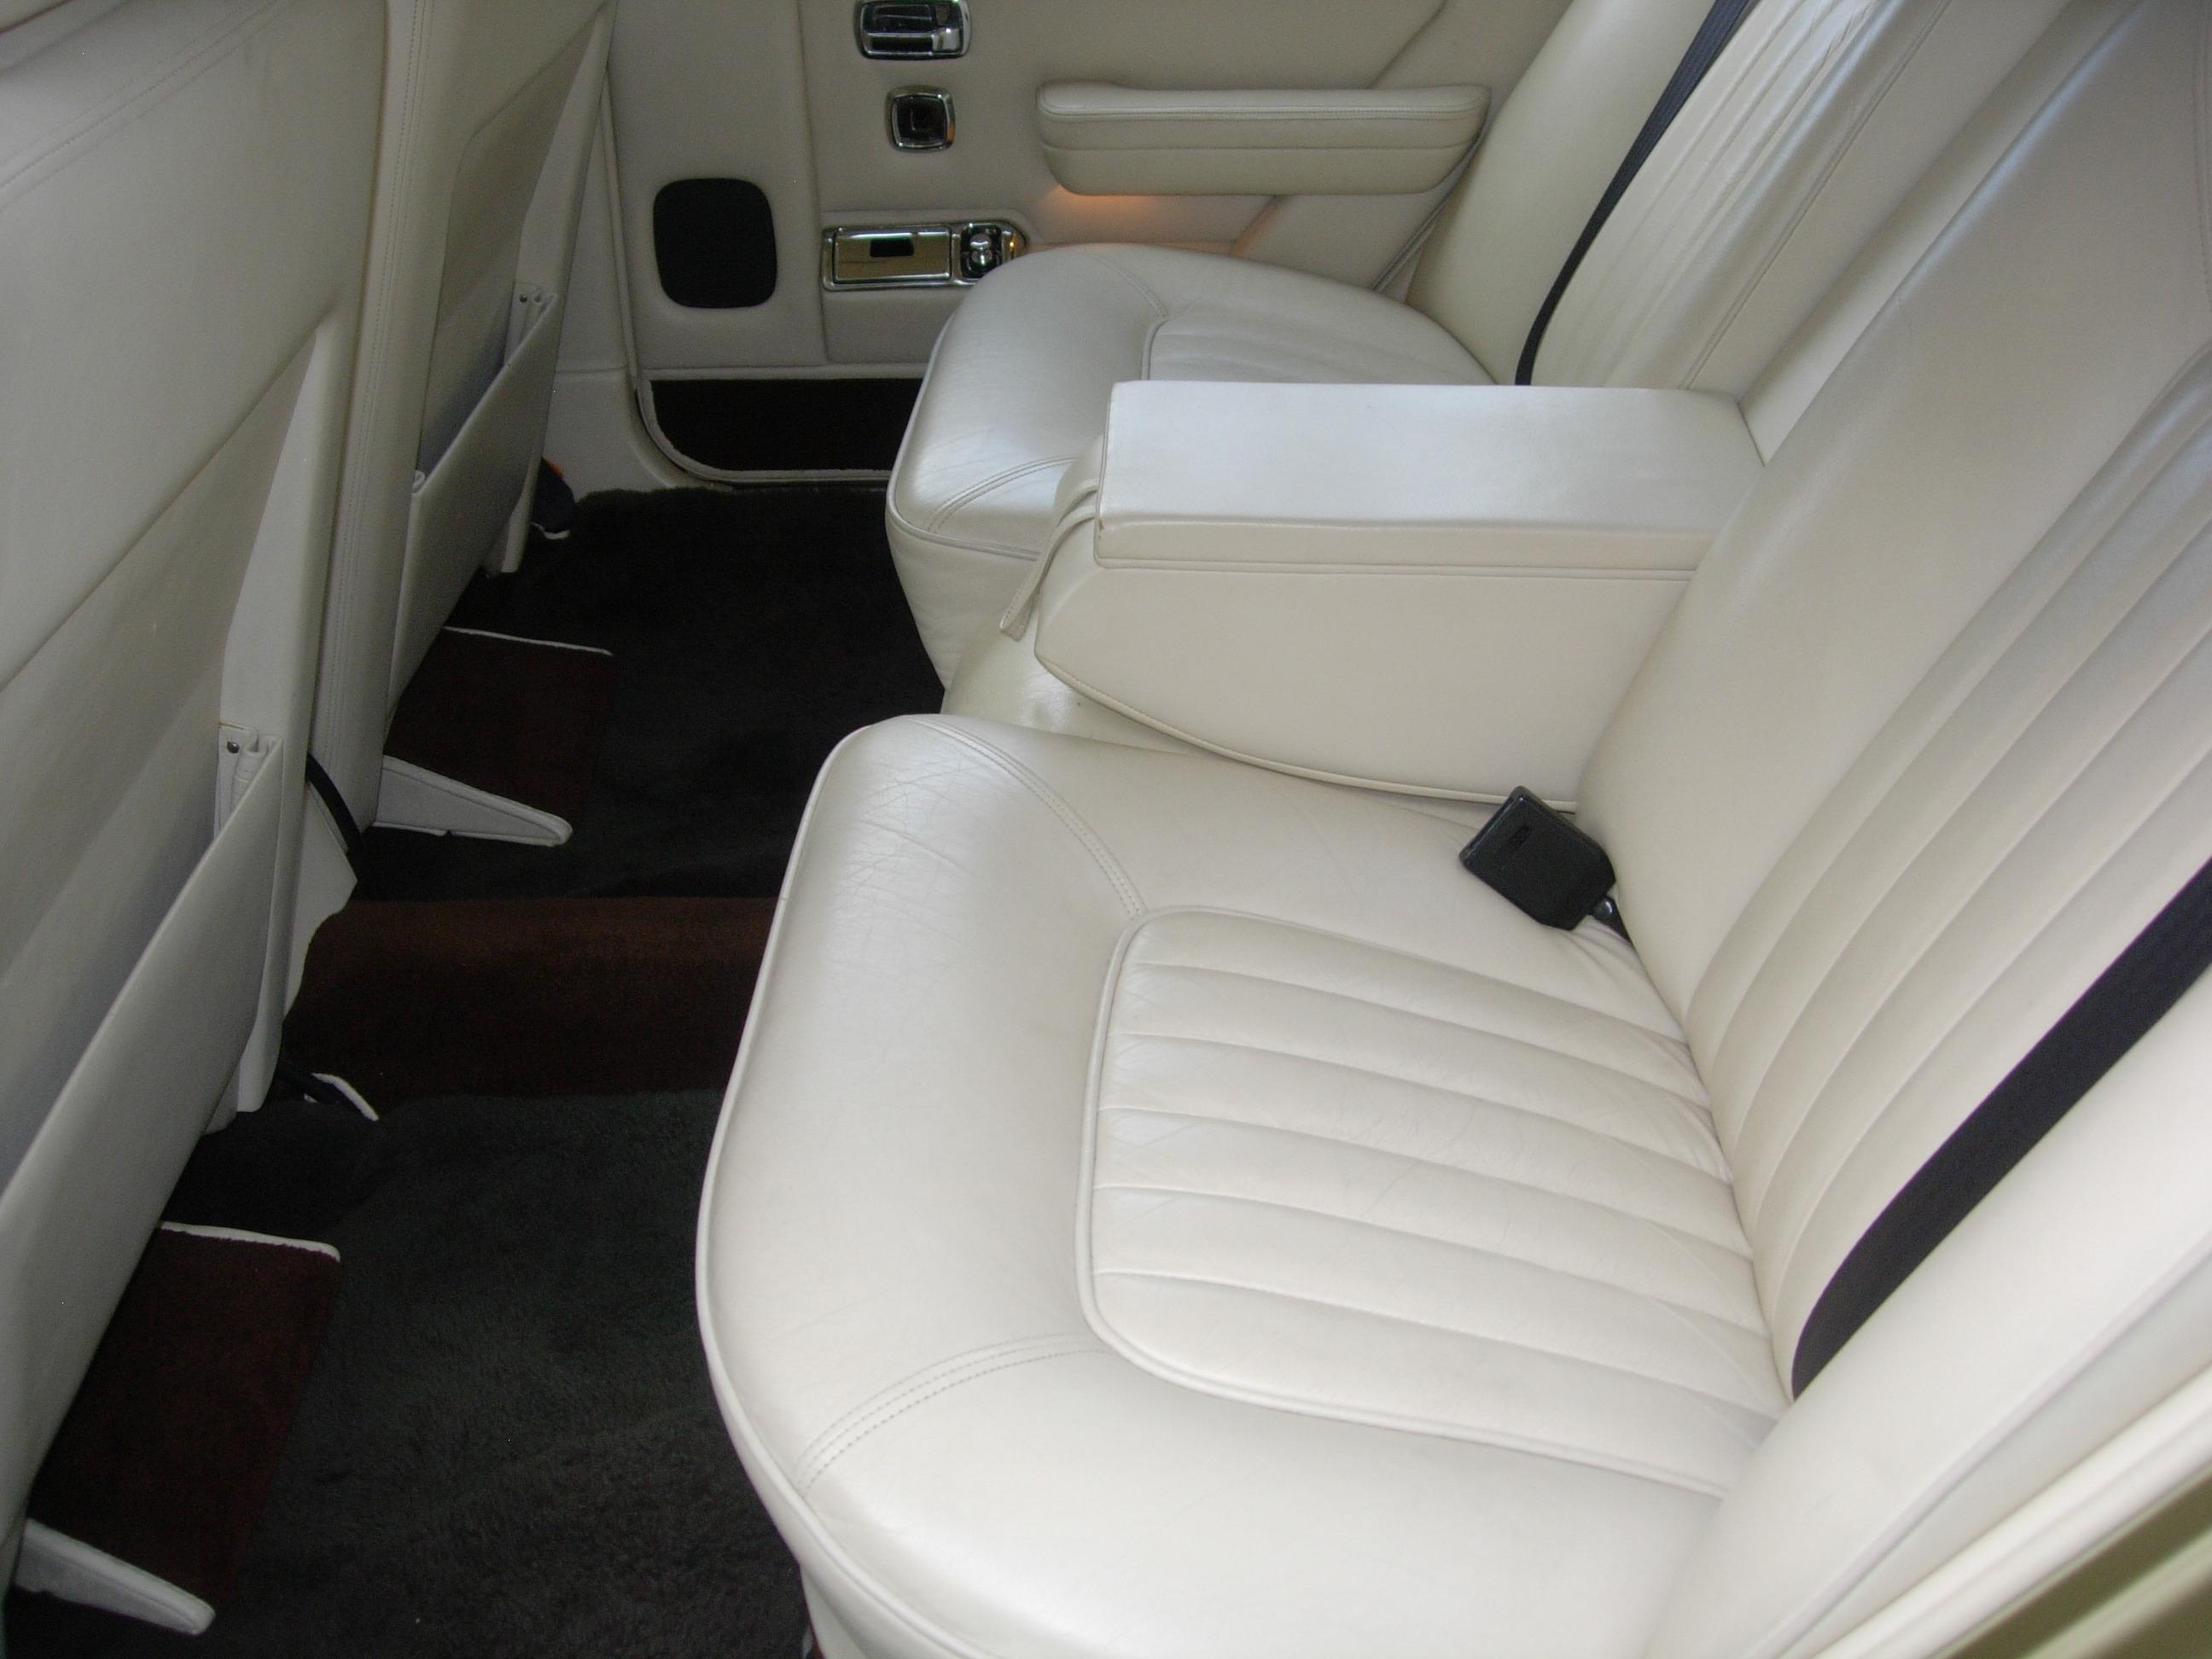 rear seat base